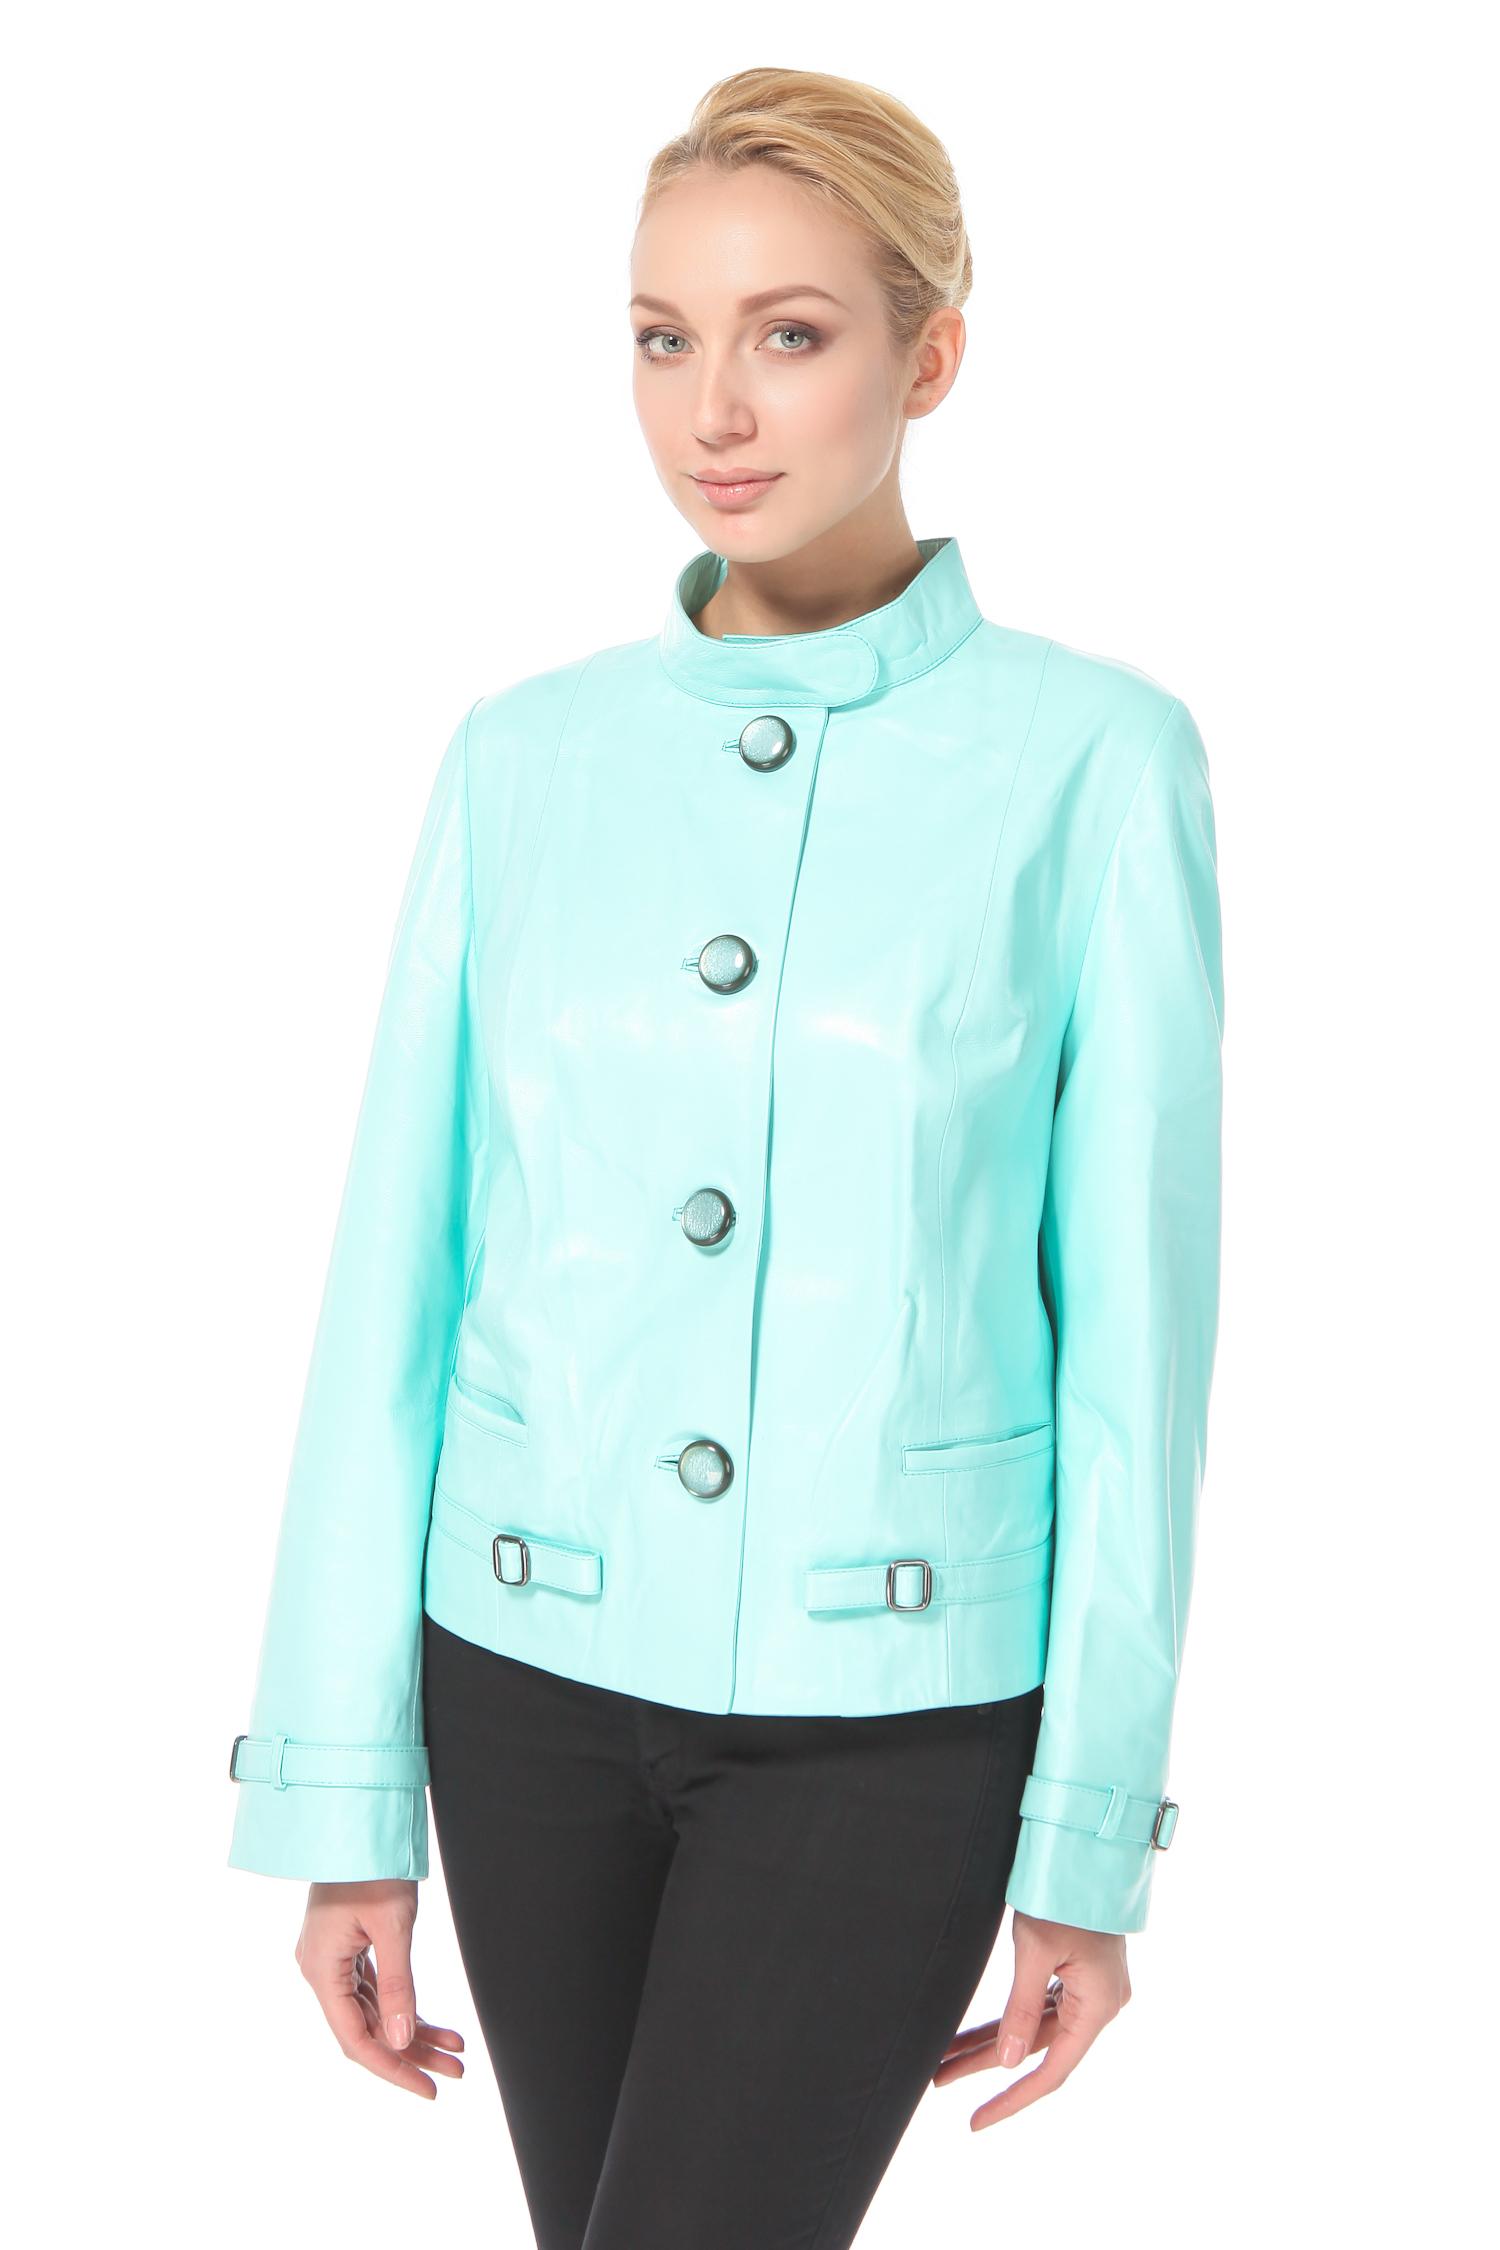 Кожаные Блузки Доставка